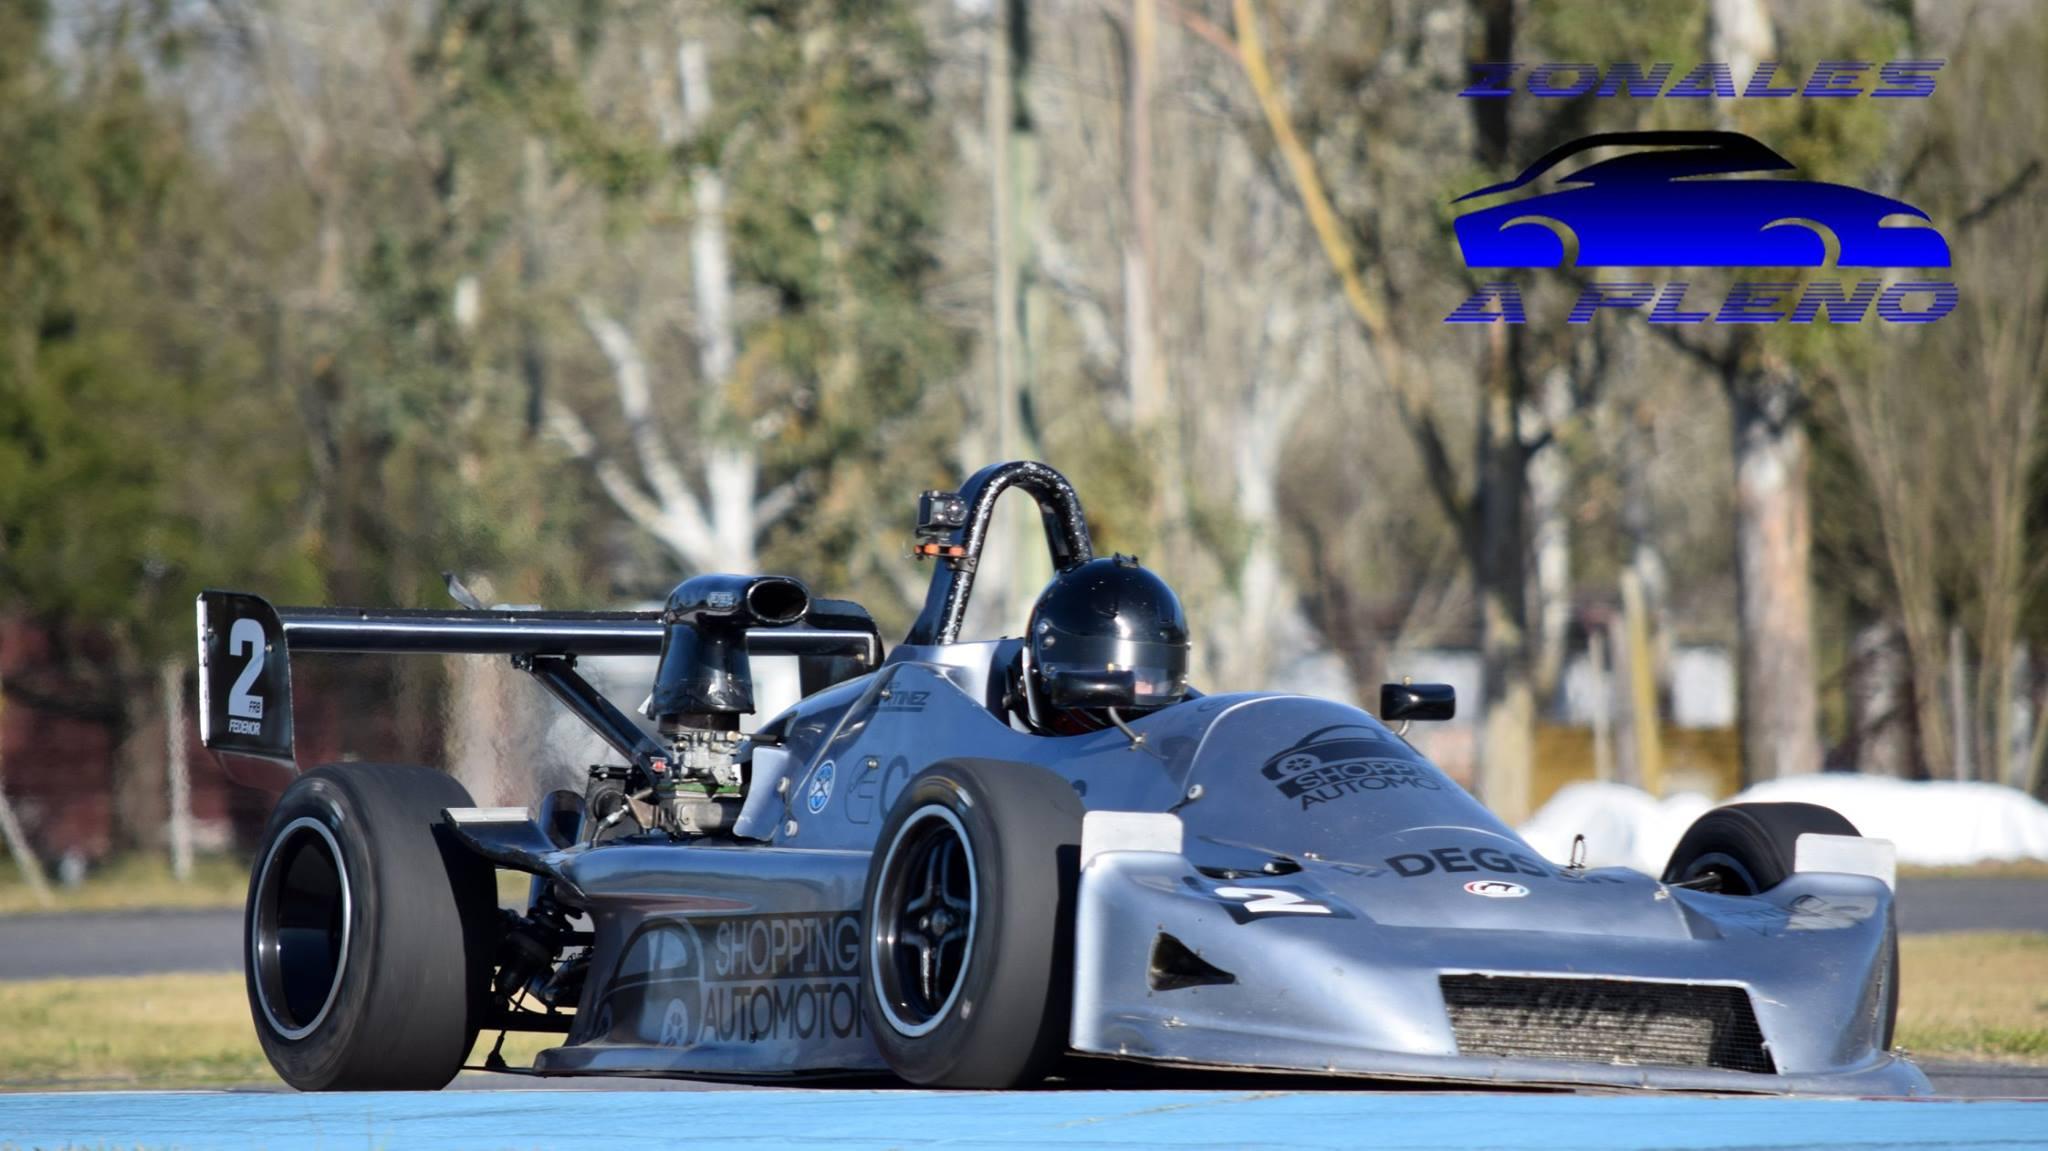 El fin de semana pasado se llevó a cabo en la vecina ciudad de Colón, más precisamente en el circuito Emilio Reybet, la 7ª fecha del Campeonato que lleva a cabo Fedenor.